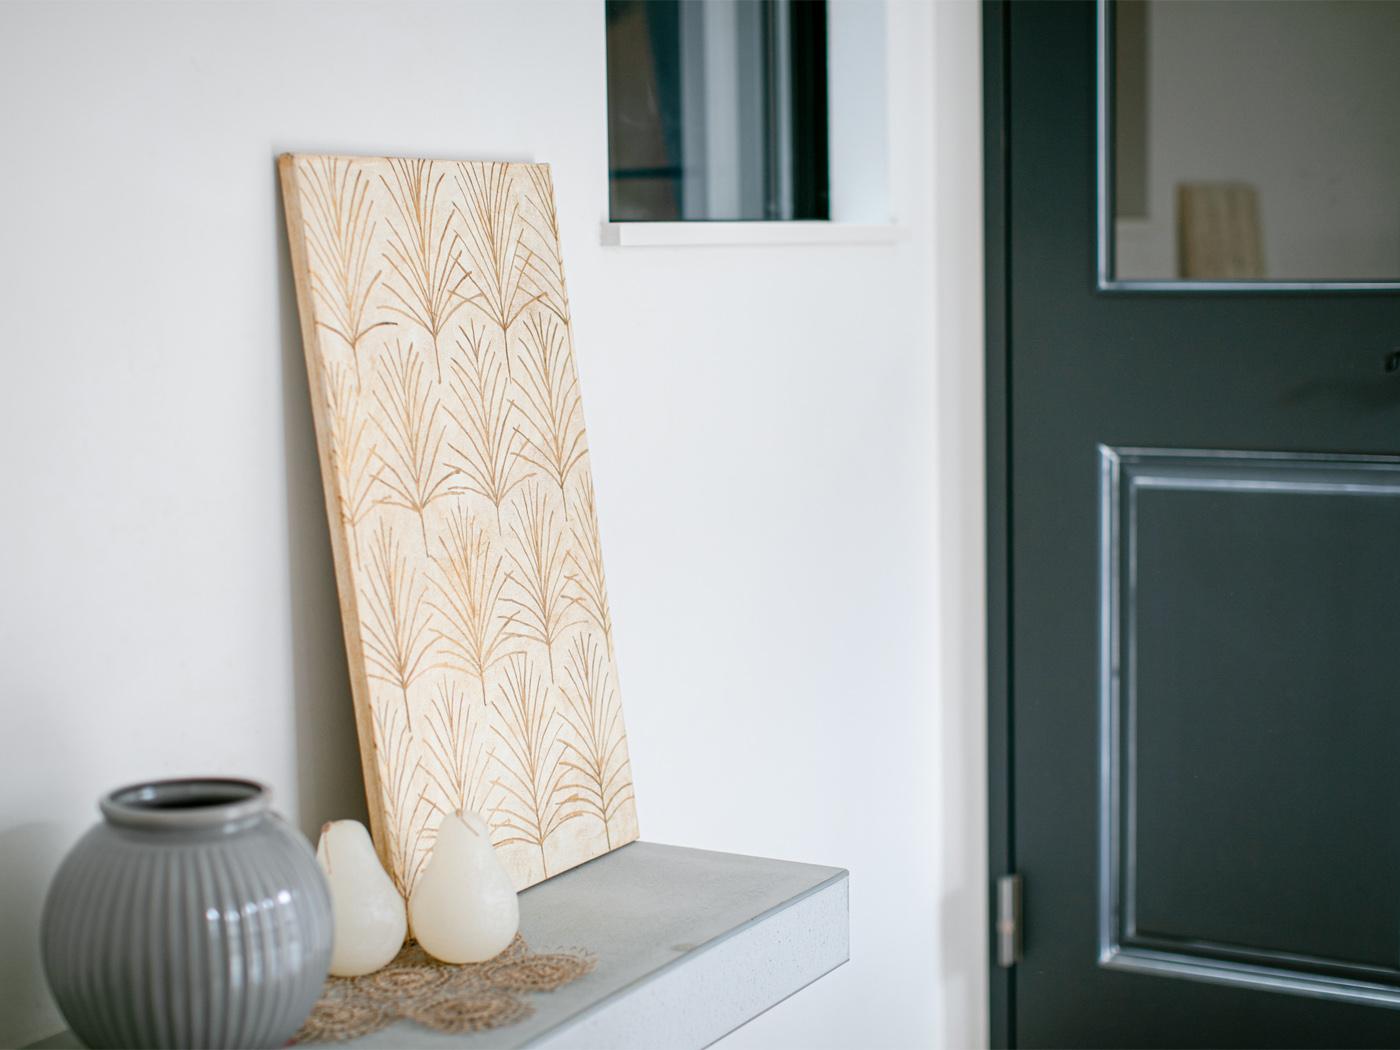 玄関やリビングの壁には、湿気に強い珪藻土を使用。